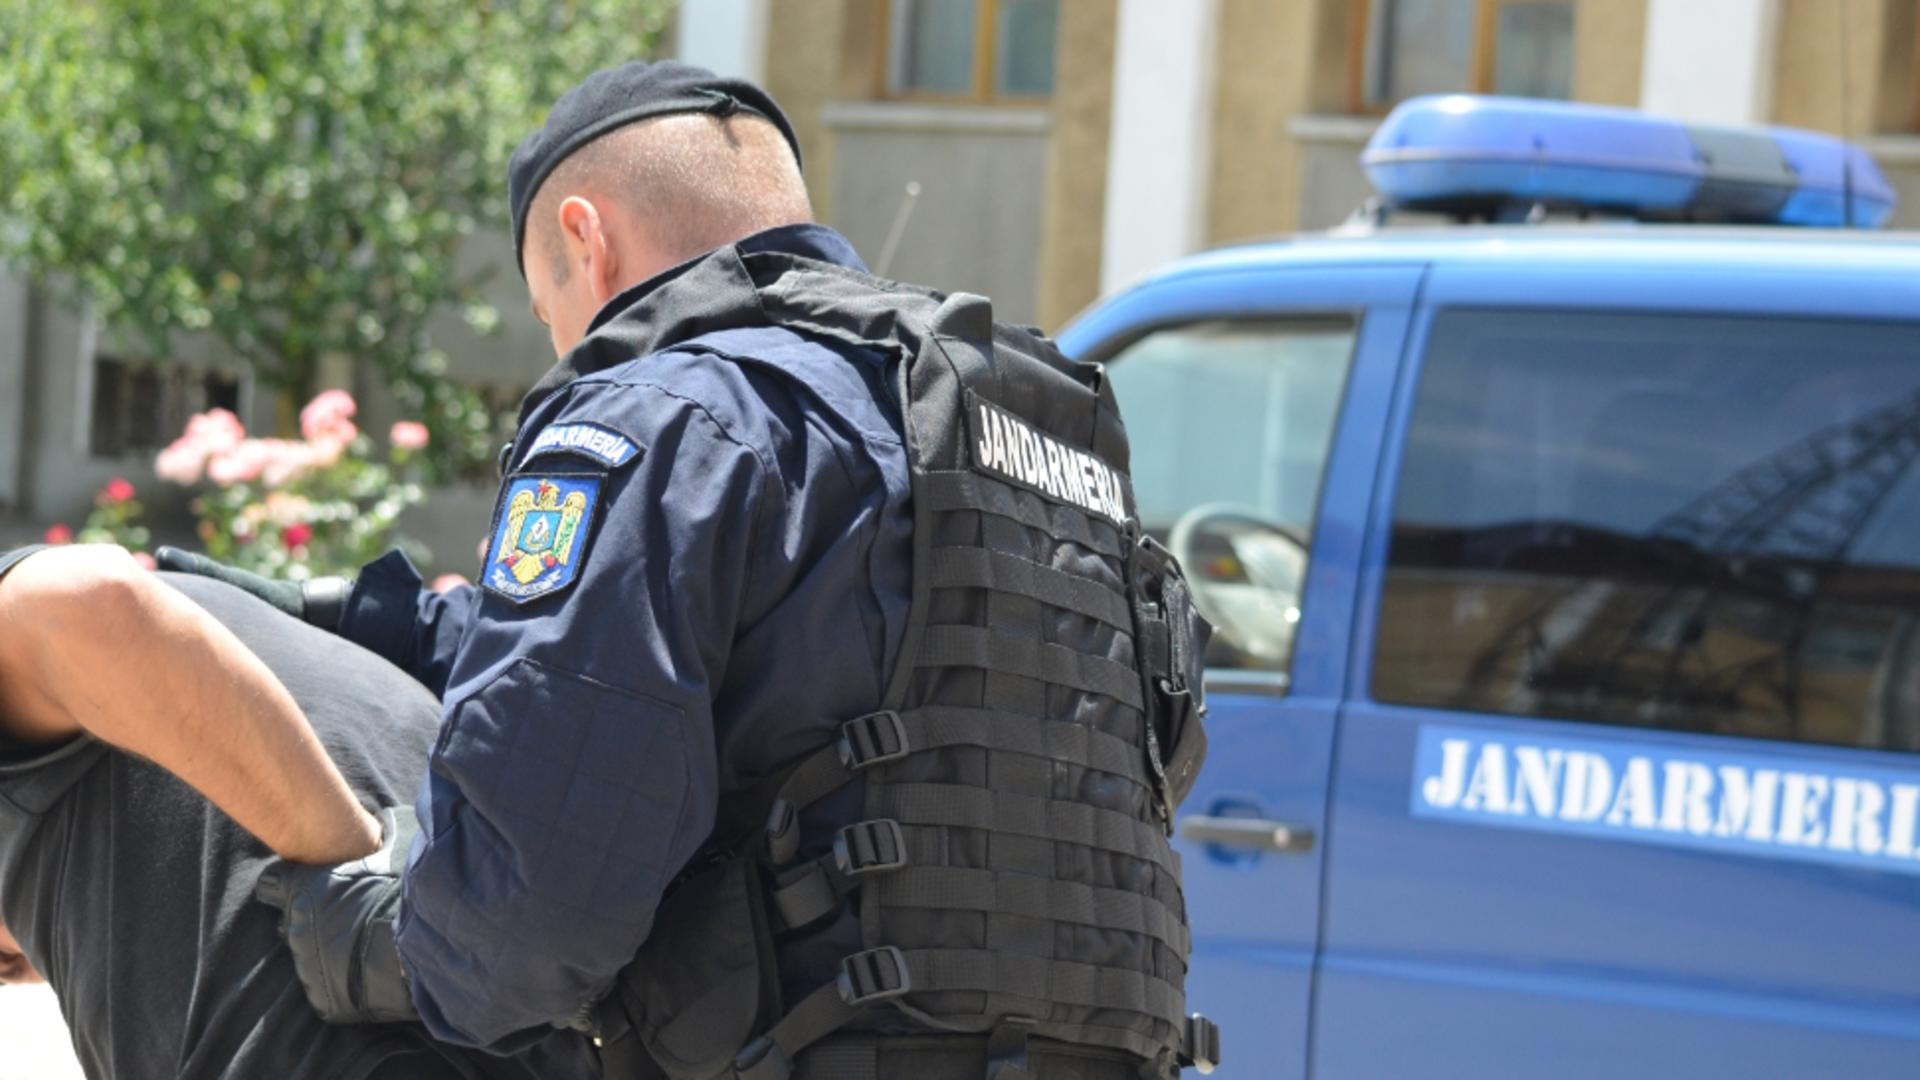 Jandarmii, nevoiți să ia cu forța un pacient din spital. Foto arhivă